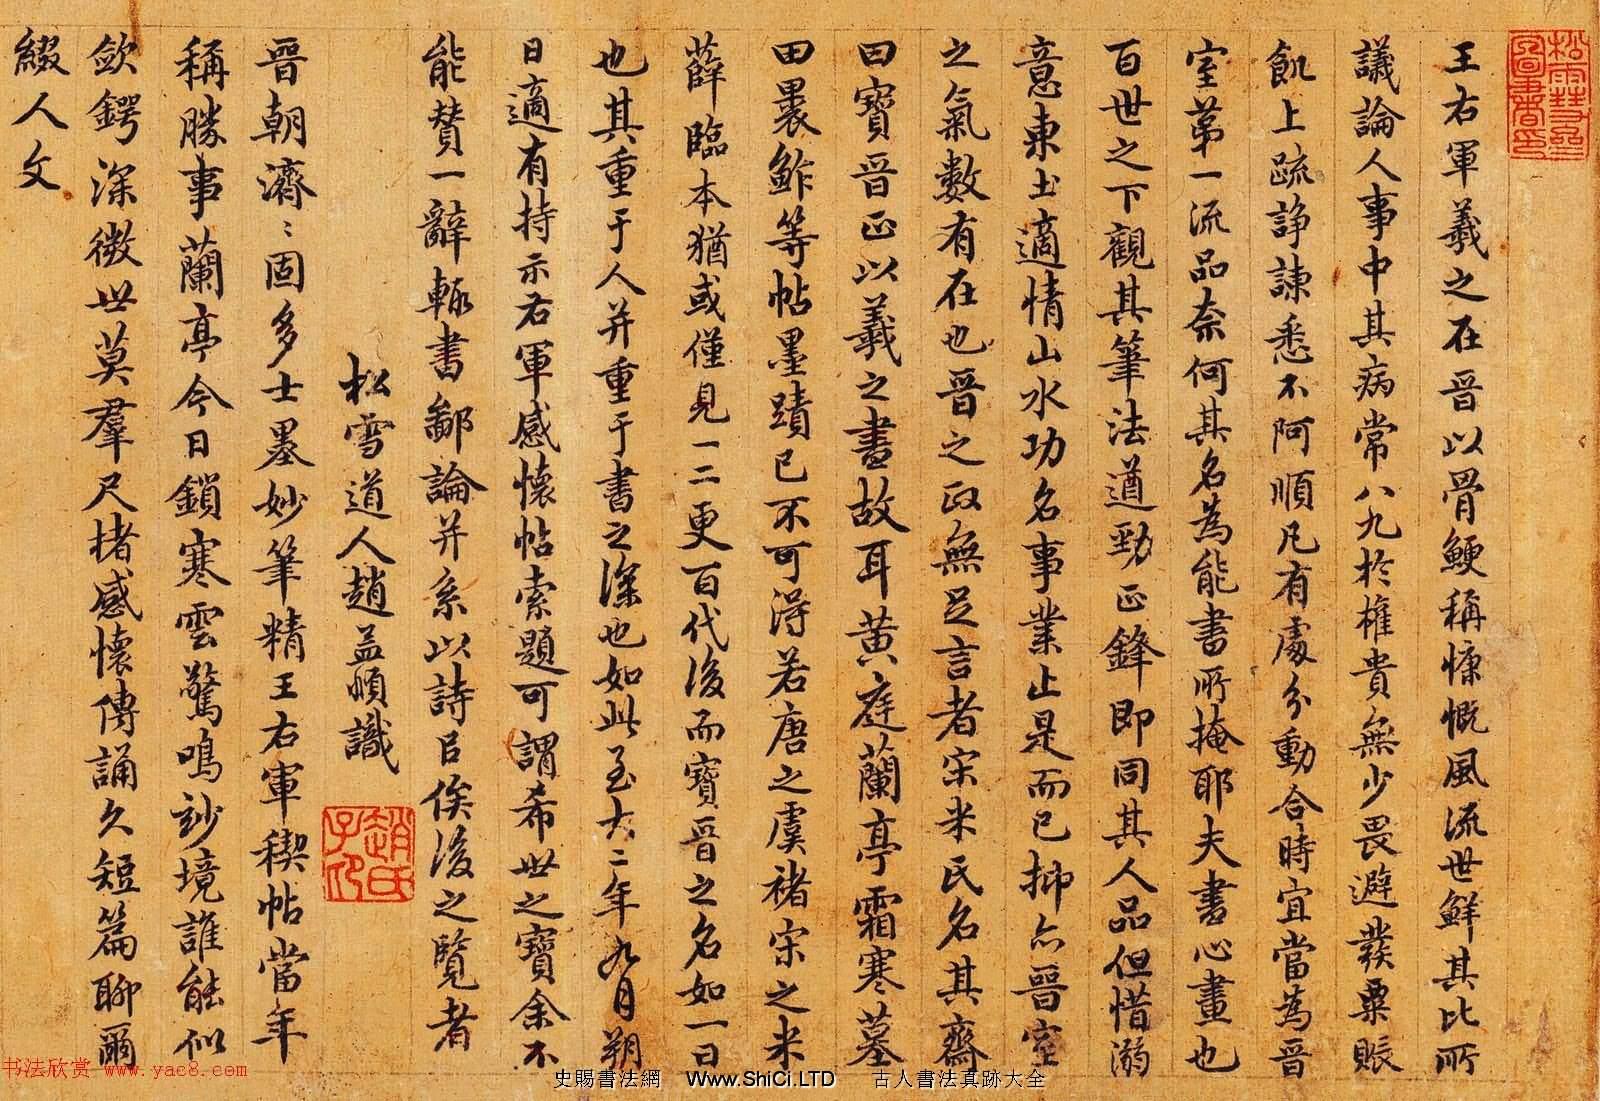 元代趙孟頫書法題跋王右軍感懷帖(共6張圖片)